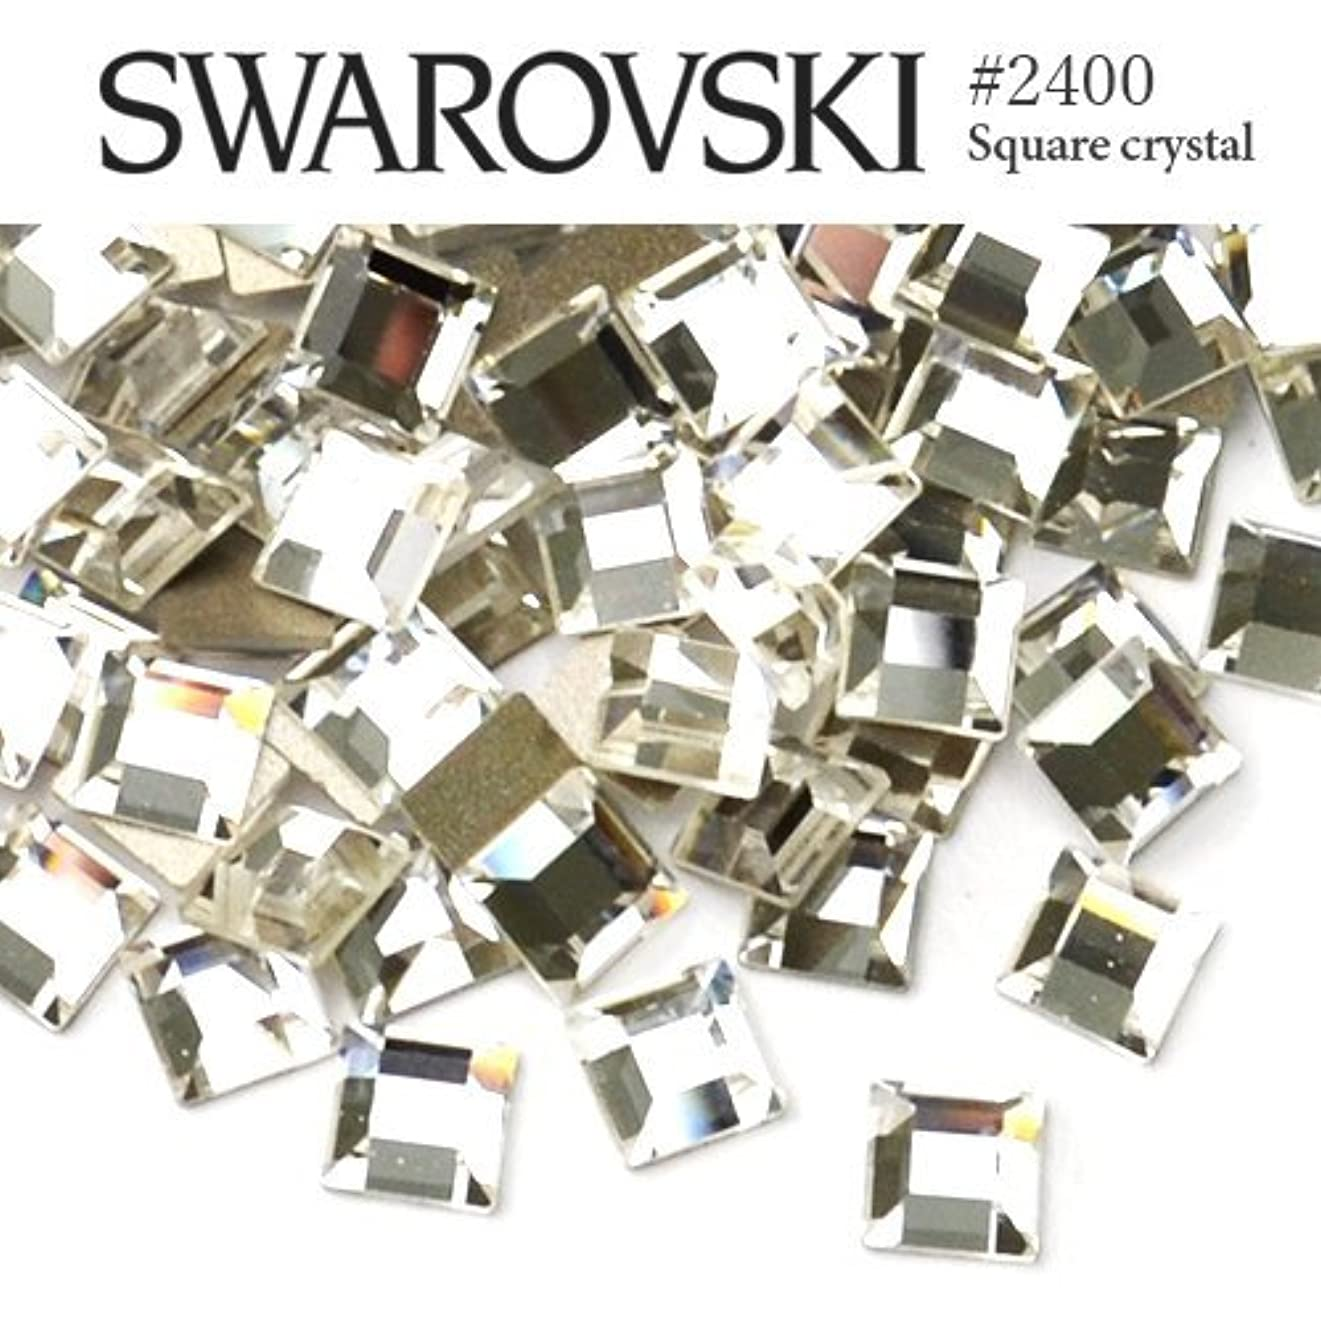 和らげる生まれコピー#2400 スクエア (正方形) [クリスタル] 3mm 20粒入り スワロフスキー ラインストーン